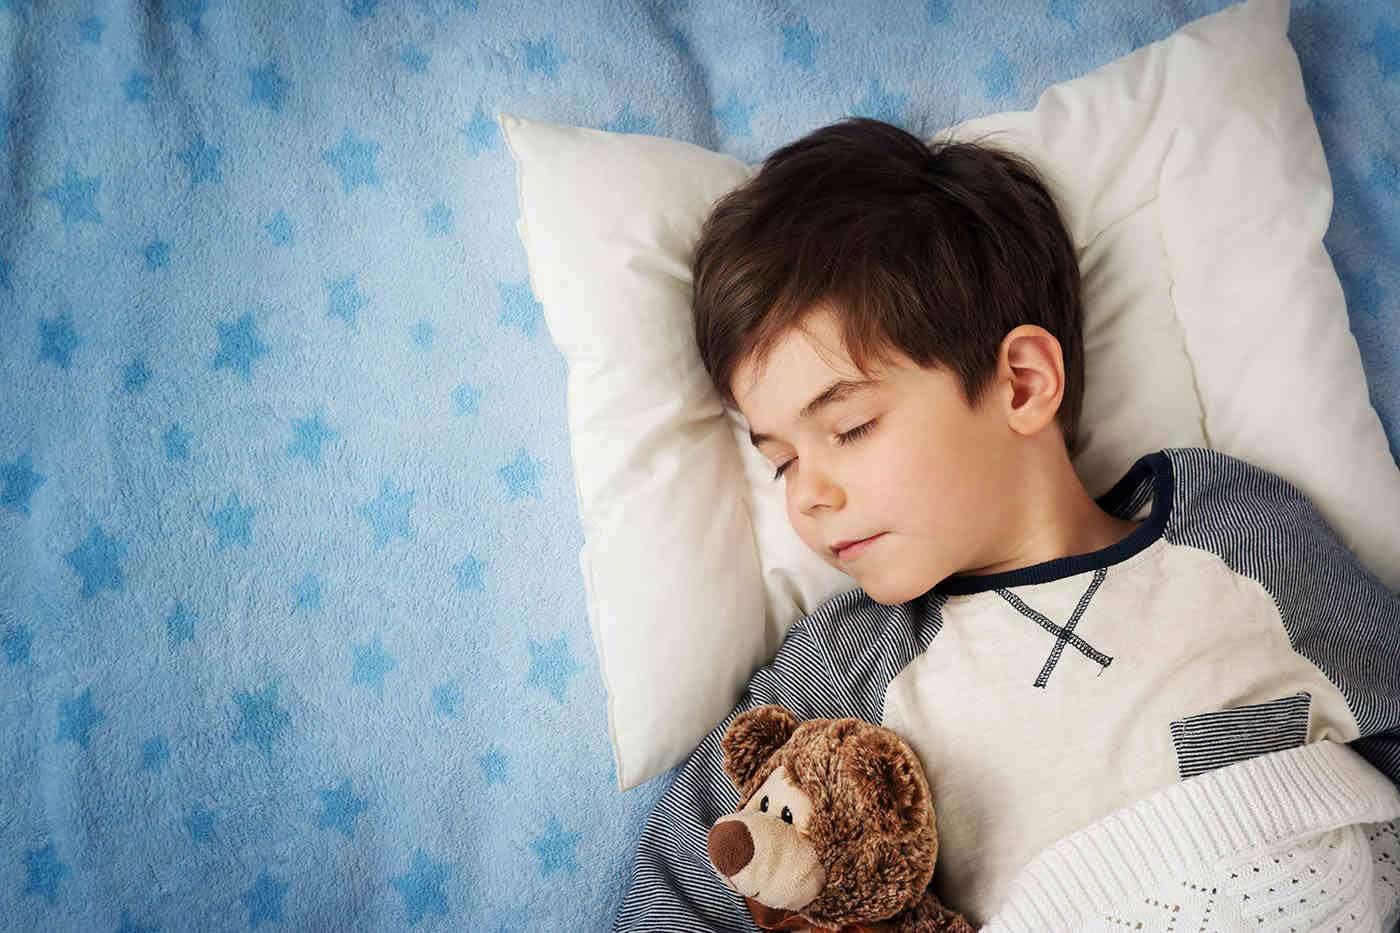 Copiii tăi dorm suficient? Un nou test de sânge ar putea deține răspunsul [studiu]